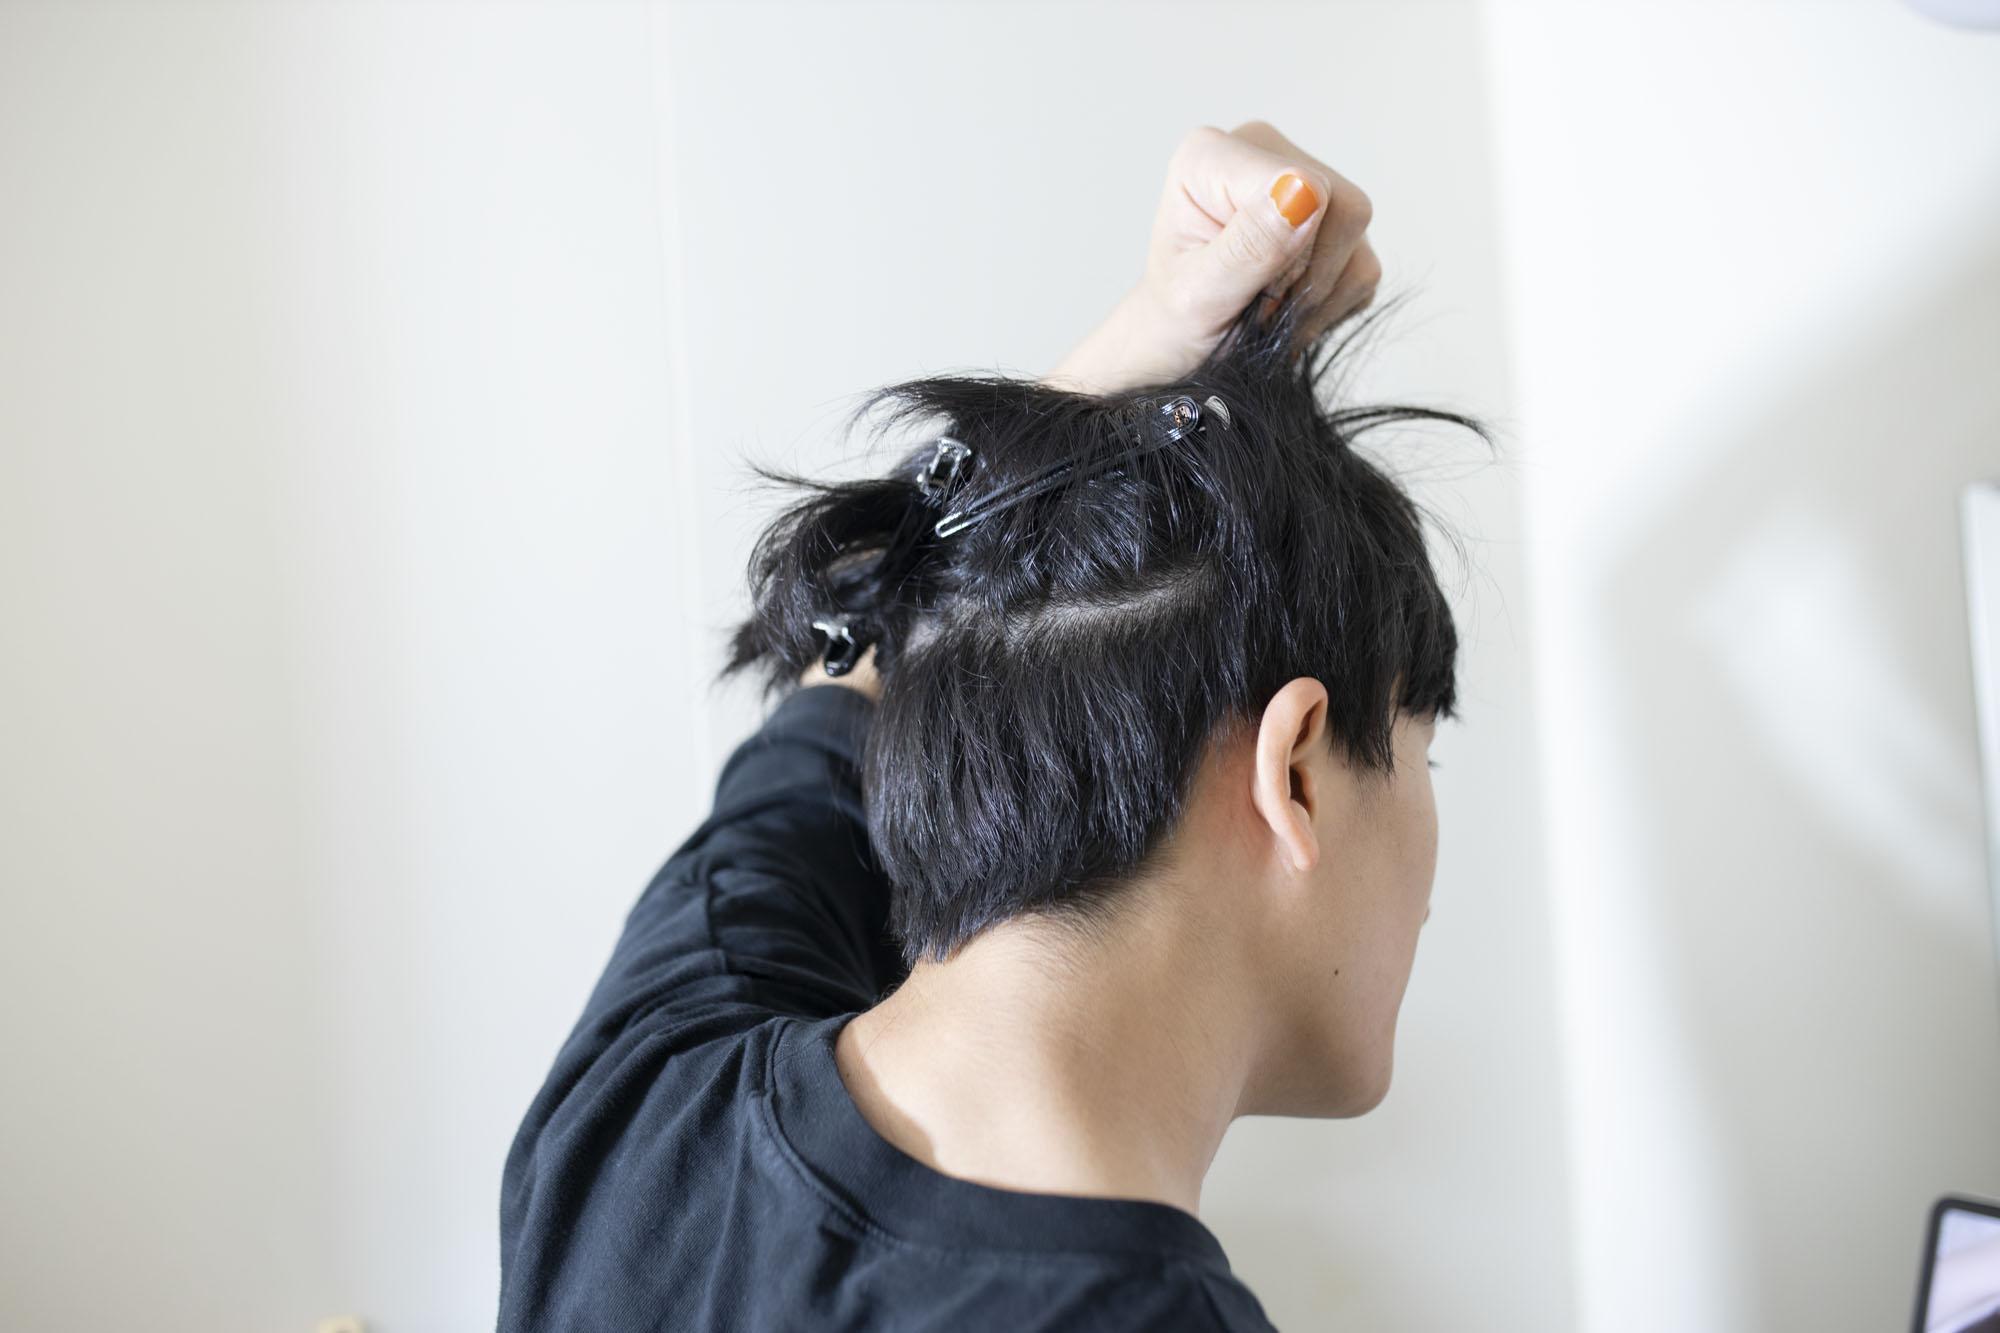 カット 散髪 セルフ 【自分で髪を切る!?】大学生にはセルフカットがおすすめ!